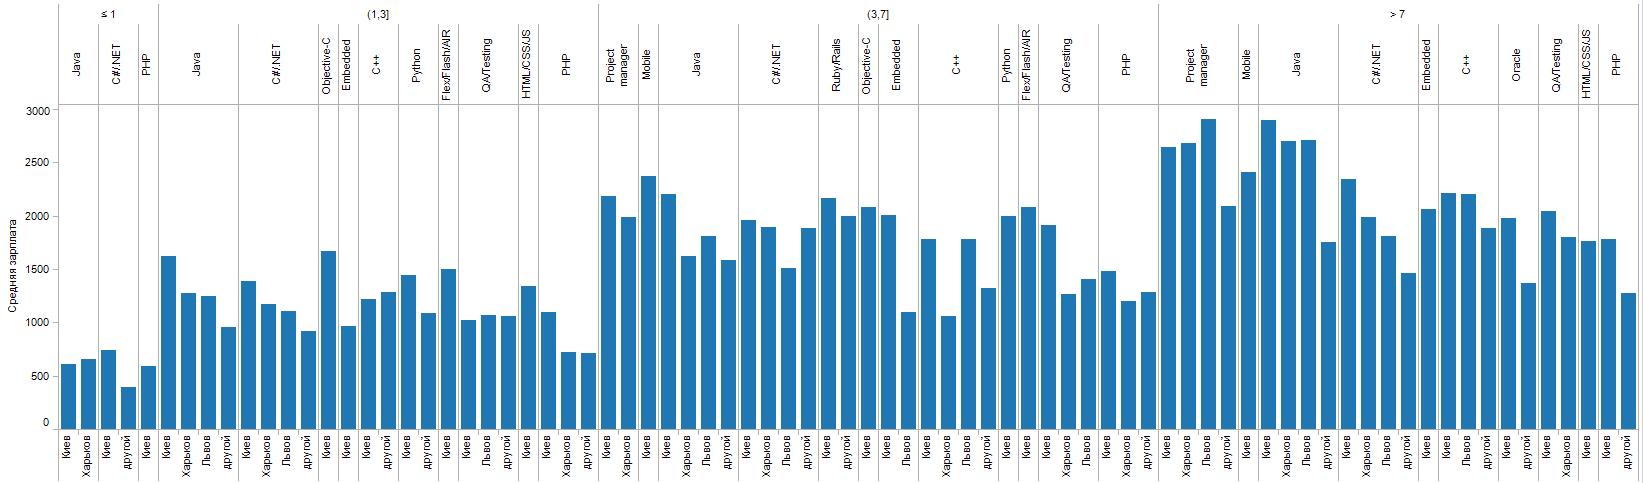 Зарплаты в зависимости от специализации и опыта работы по городам